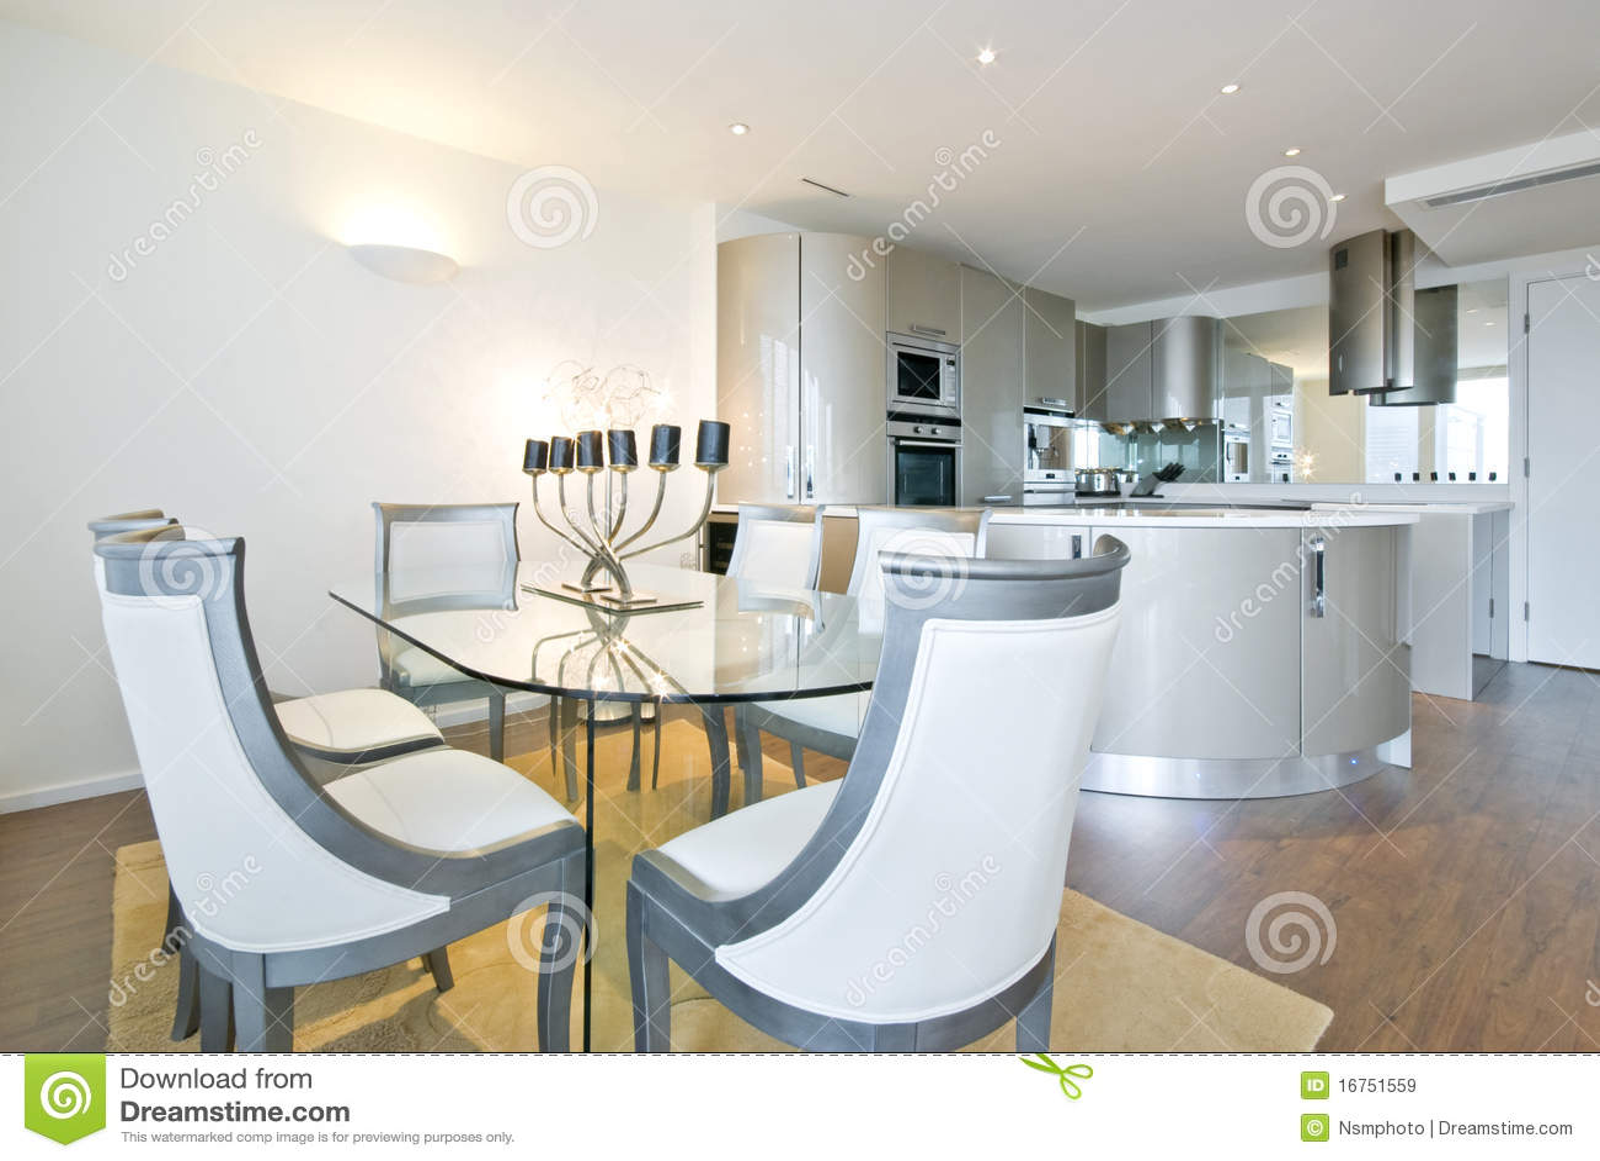 Cocina ultra moderna del dise ador con el comedor - Disenador de cocinas ...